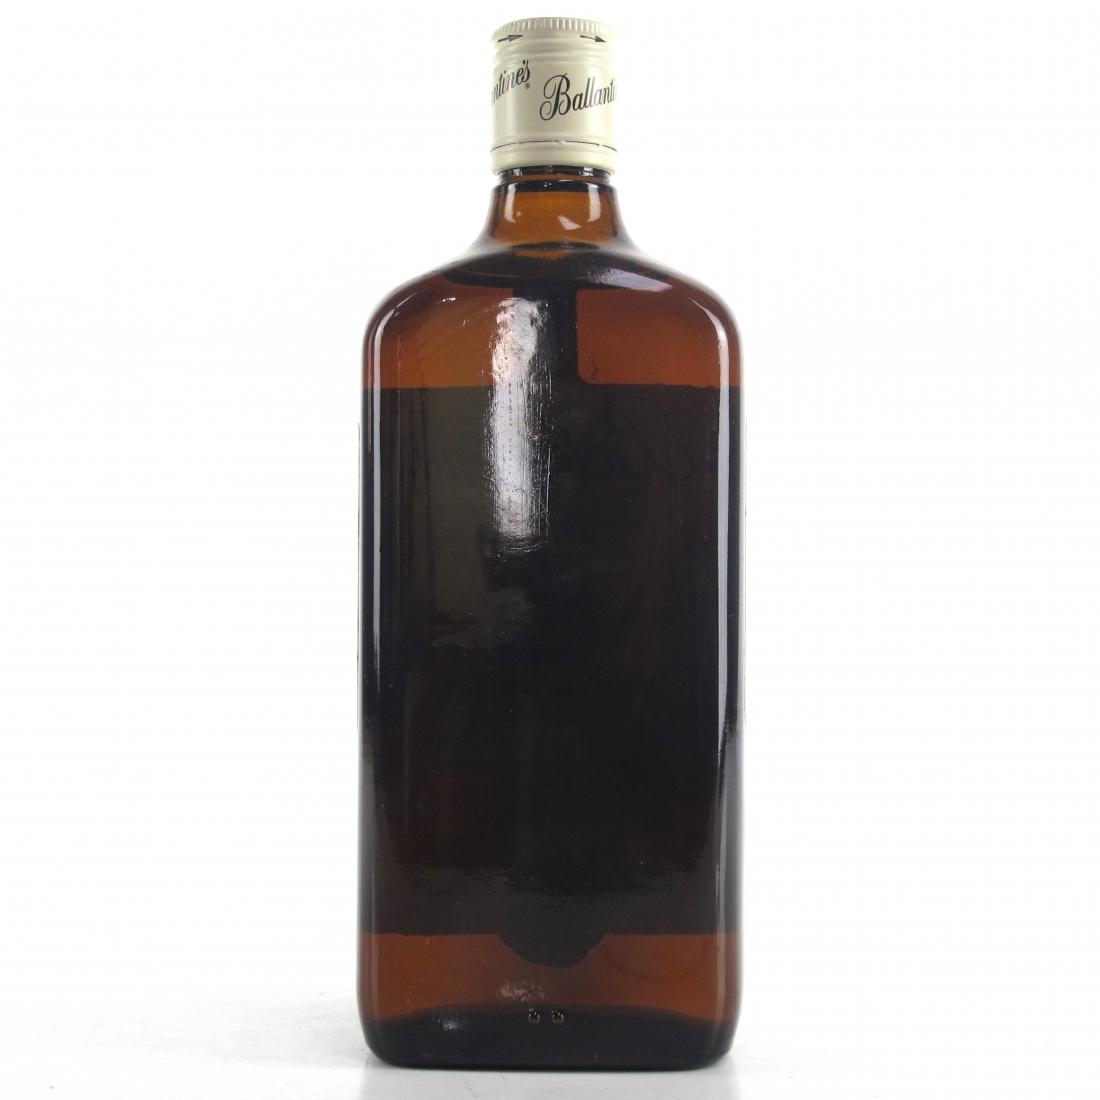 Ballantine's Finest Scotch Whisky 1990s